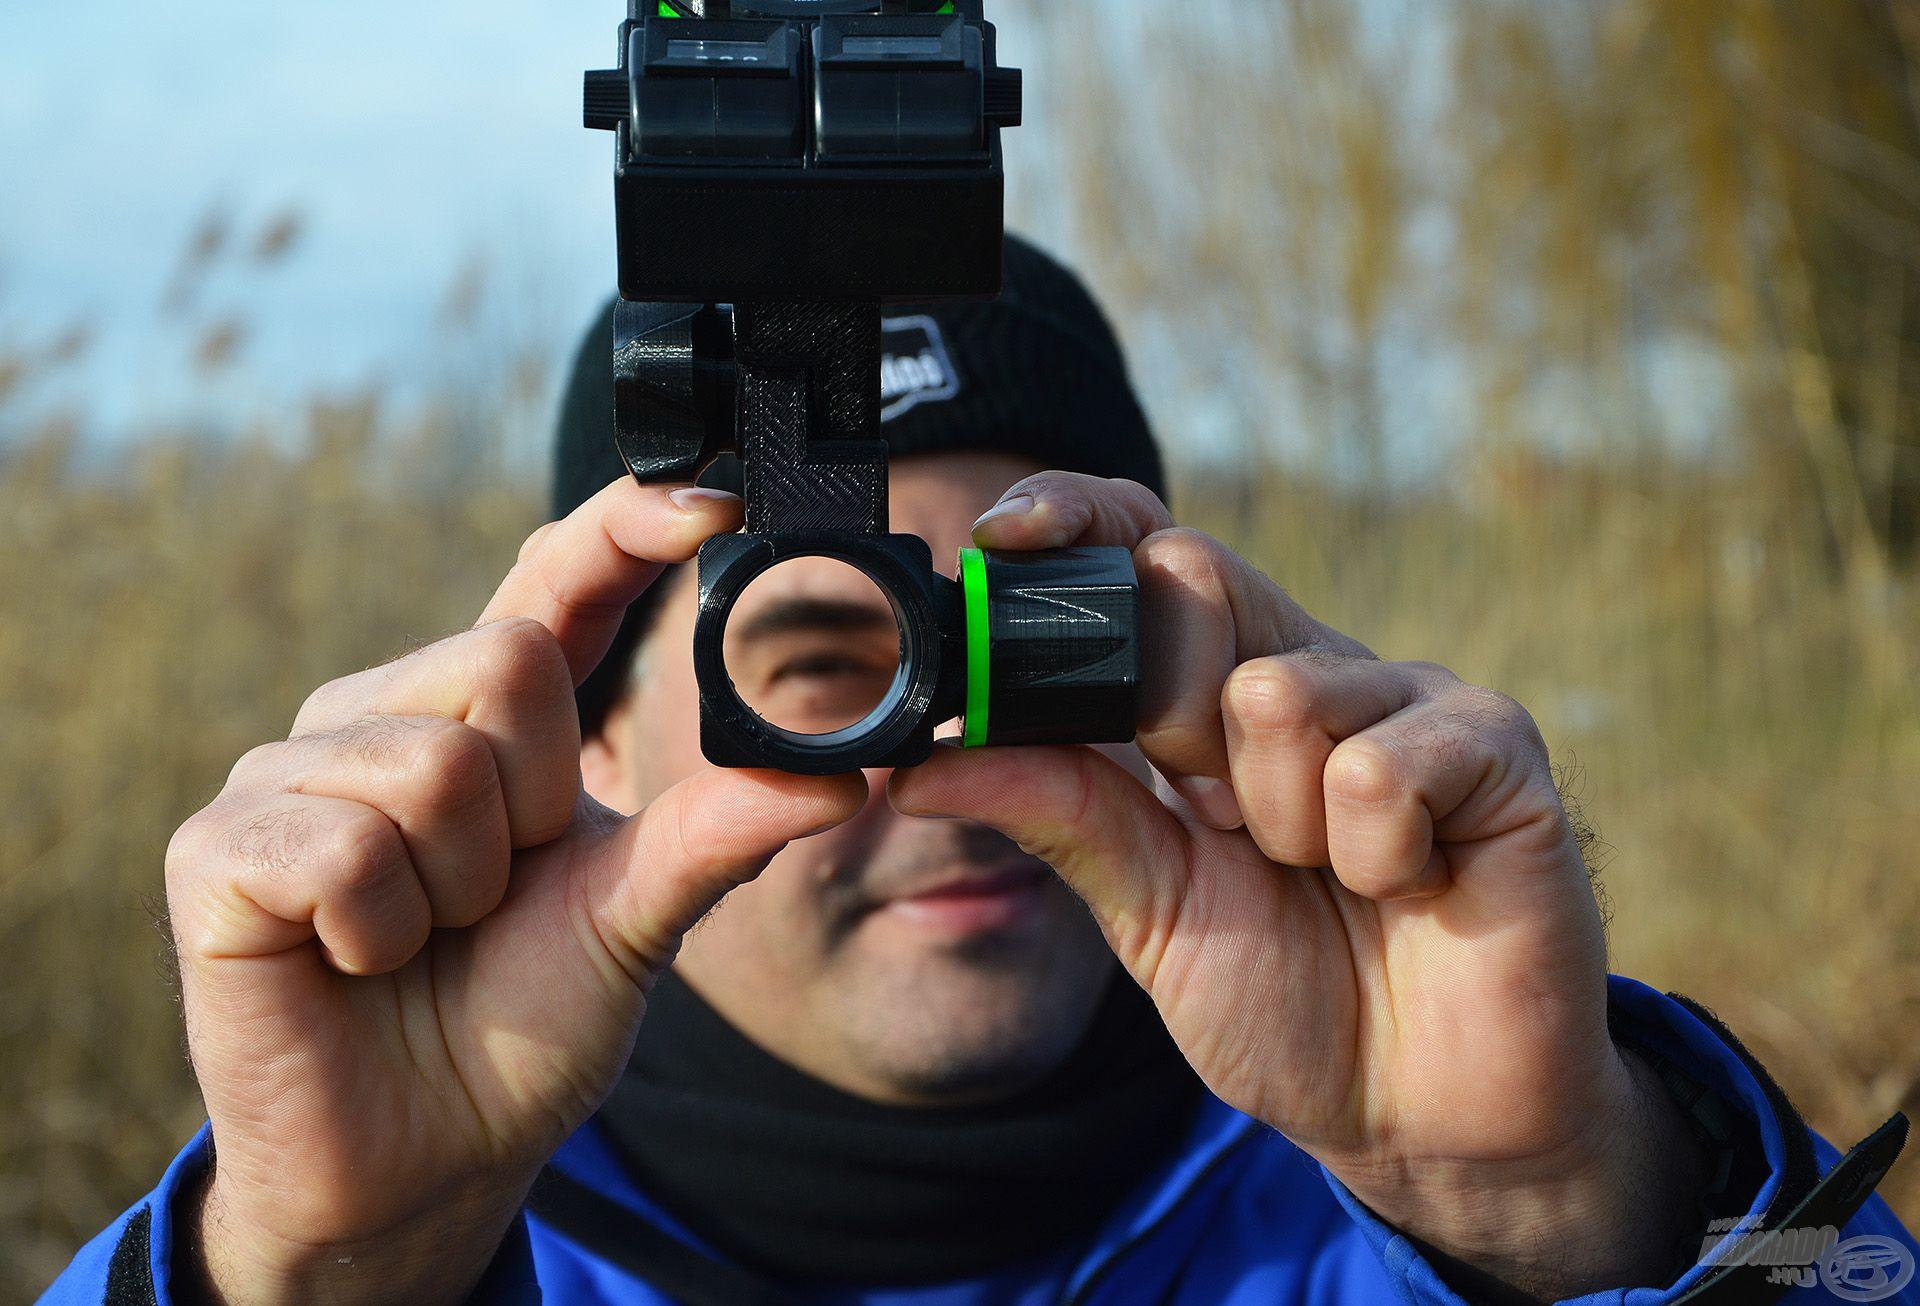 36 mm-es hengeres lábra lehet felrakni ezt az eszközt